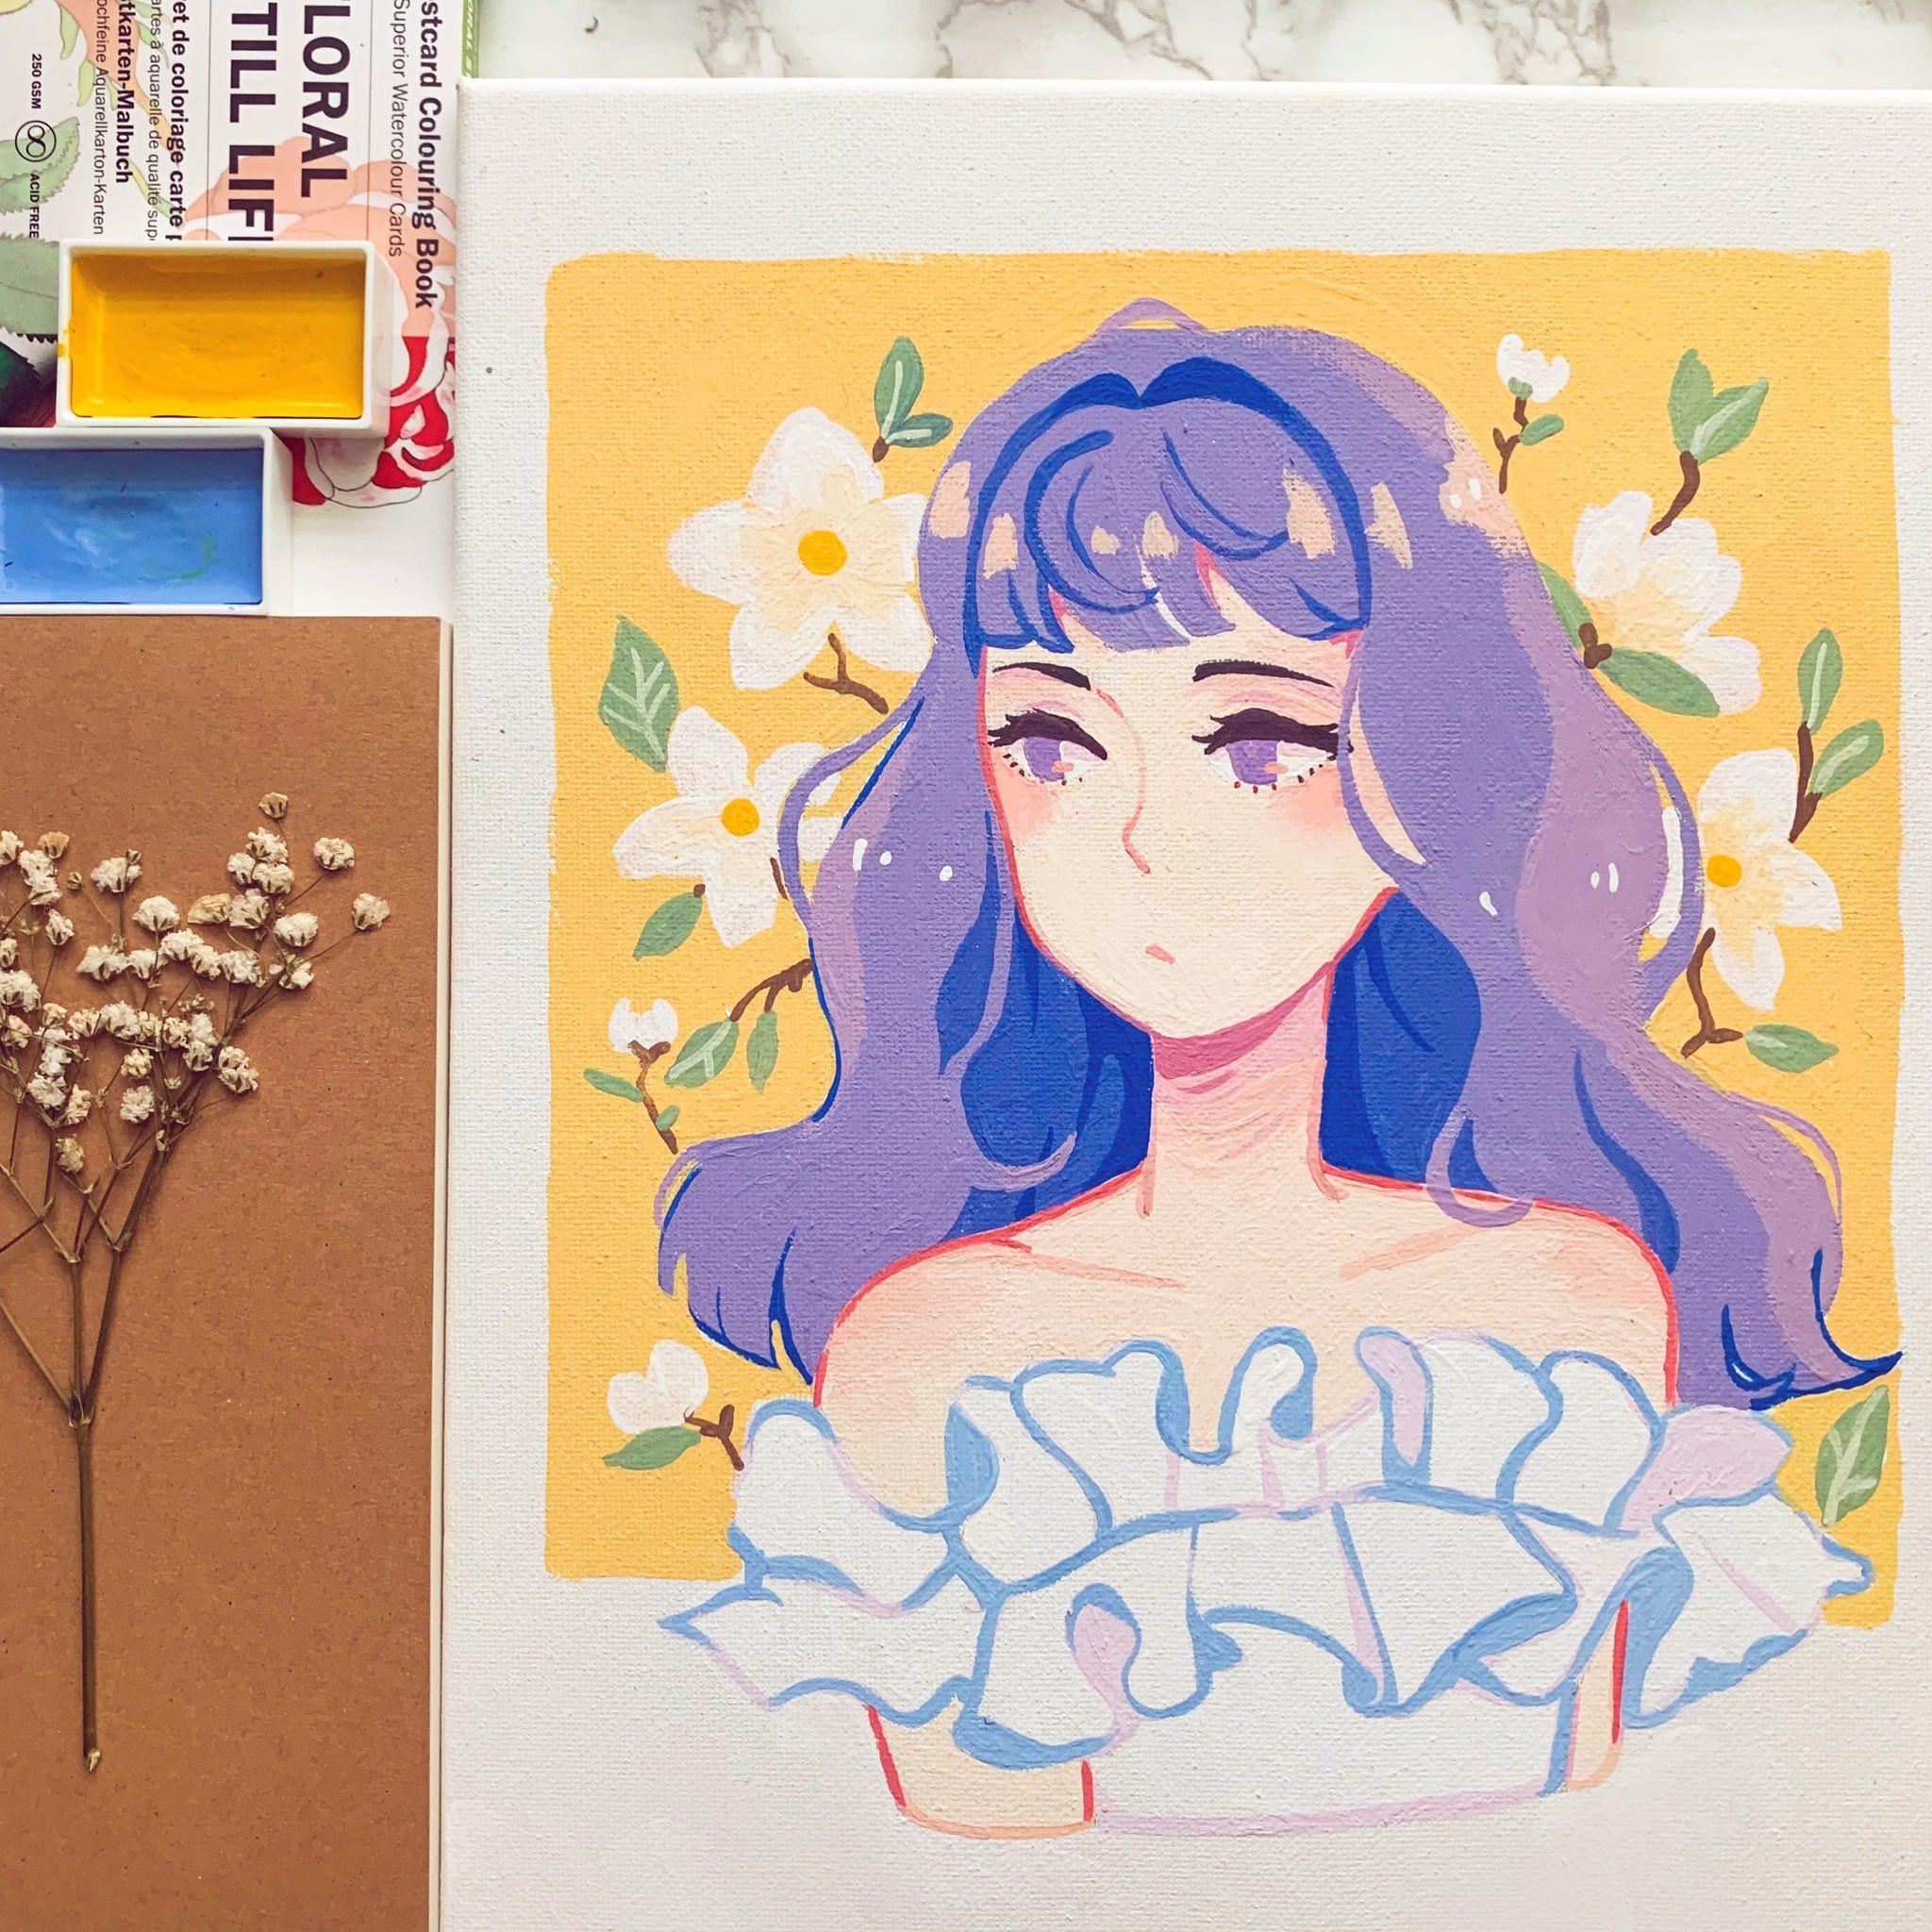 ˏˋ Ira ˊˎ On In 2020 Art Cute Art Marker Art